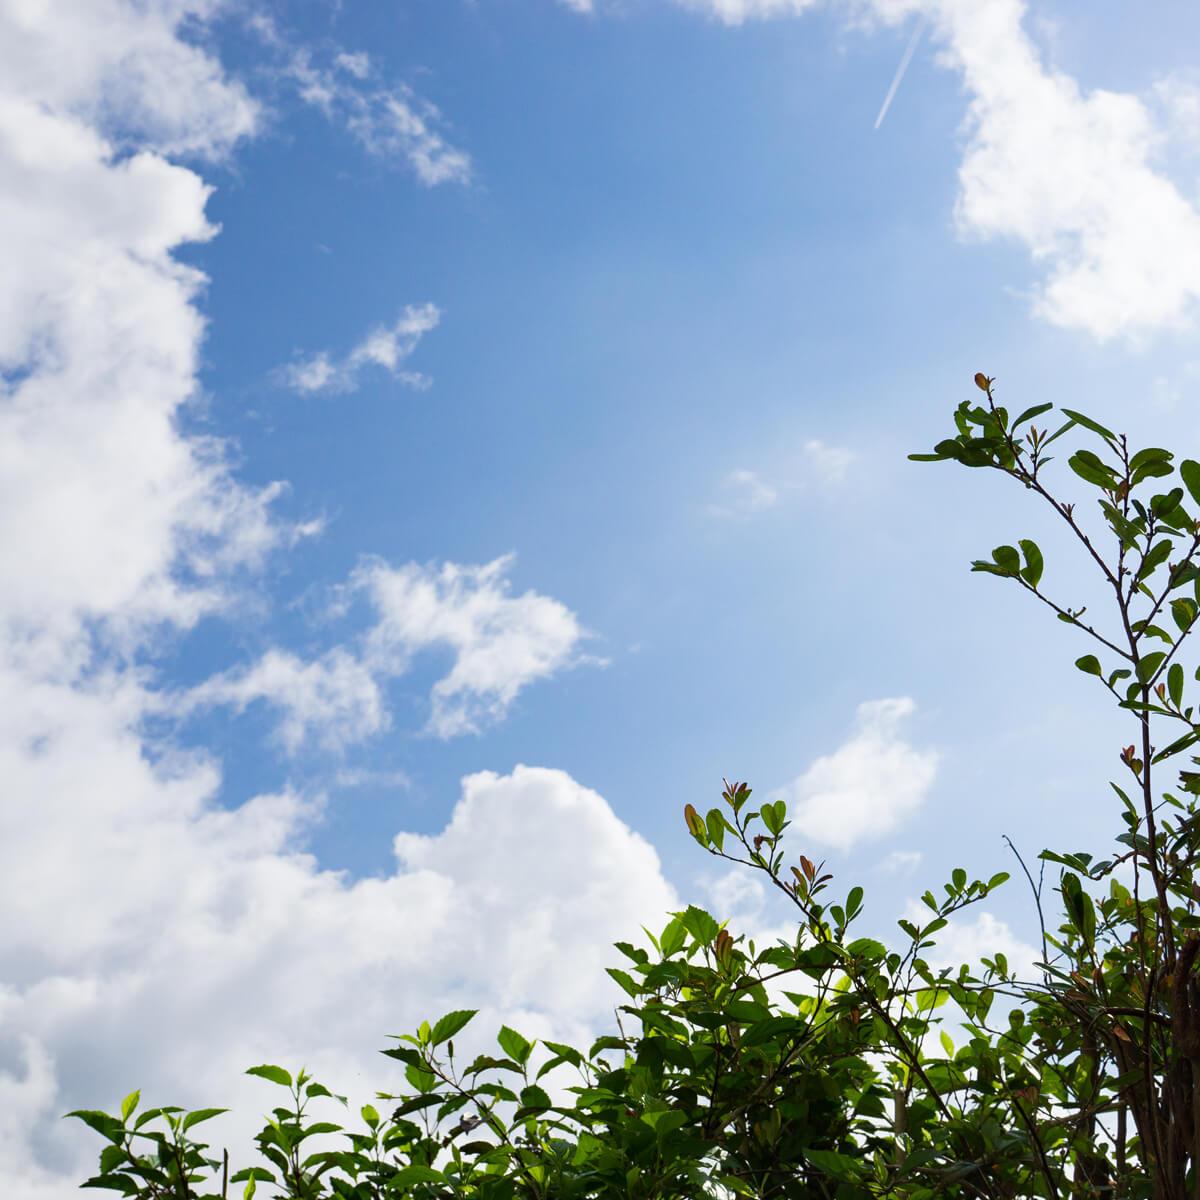 屋久島の空 青空 屋久島日々の暮らしとジュエリー オーダーメイドジュエリーのアトリエ